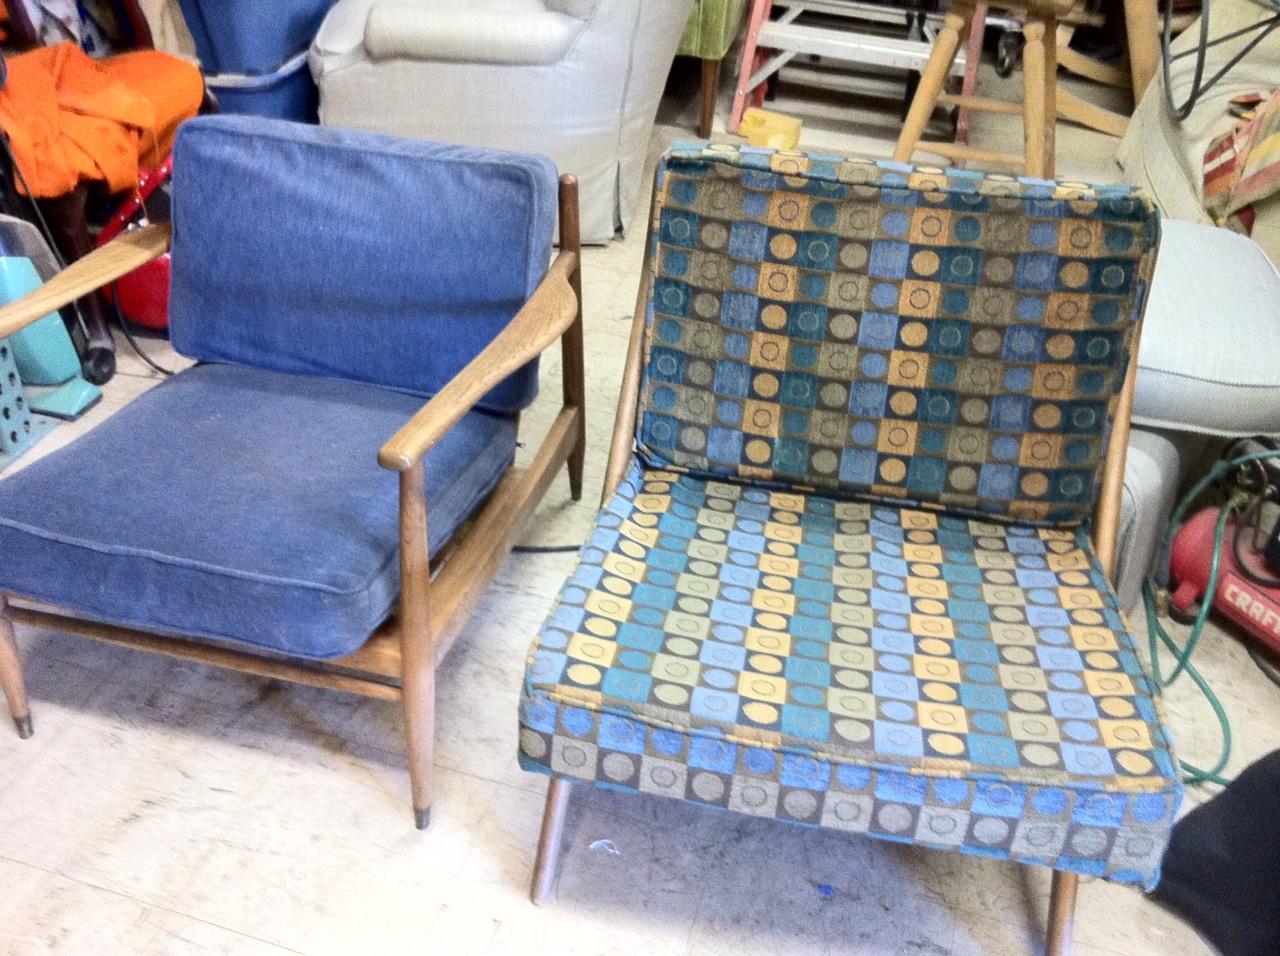 Danish Chairs - Before